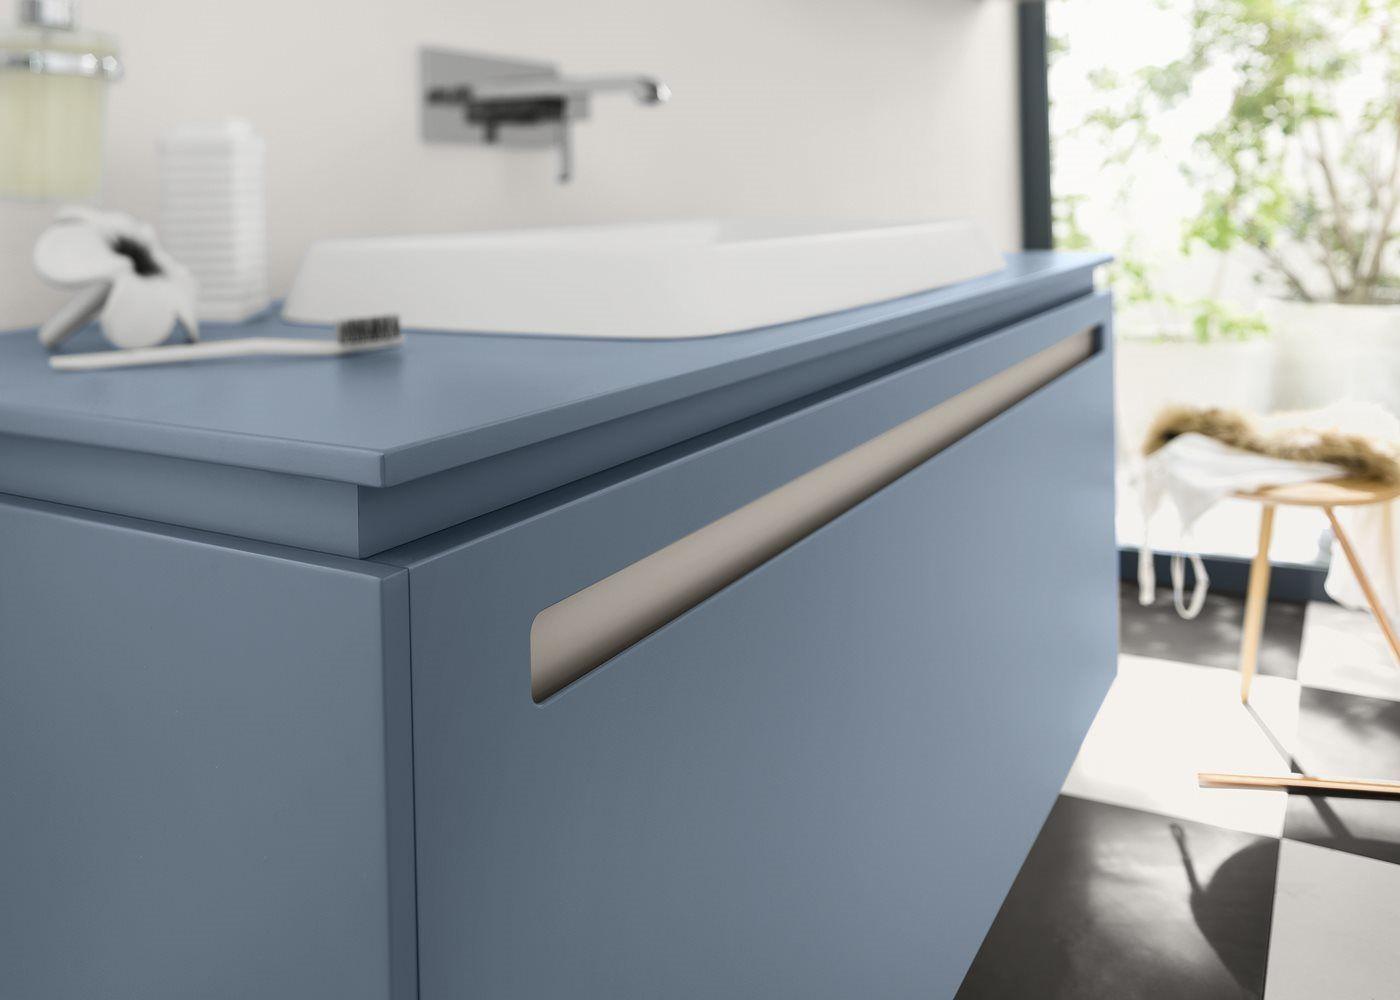 Meuble pour salle de bain meuble sous vasque progetto for Inda salle de bain